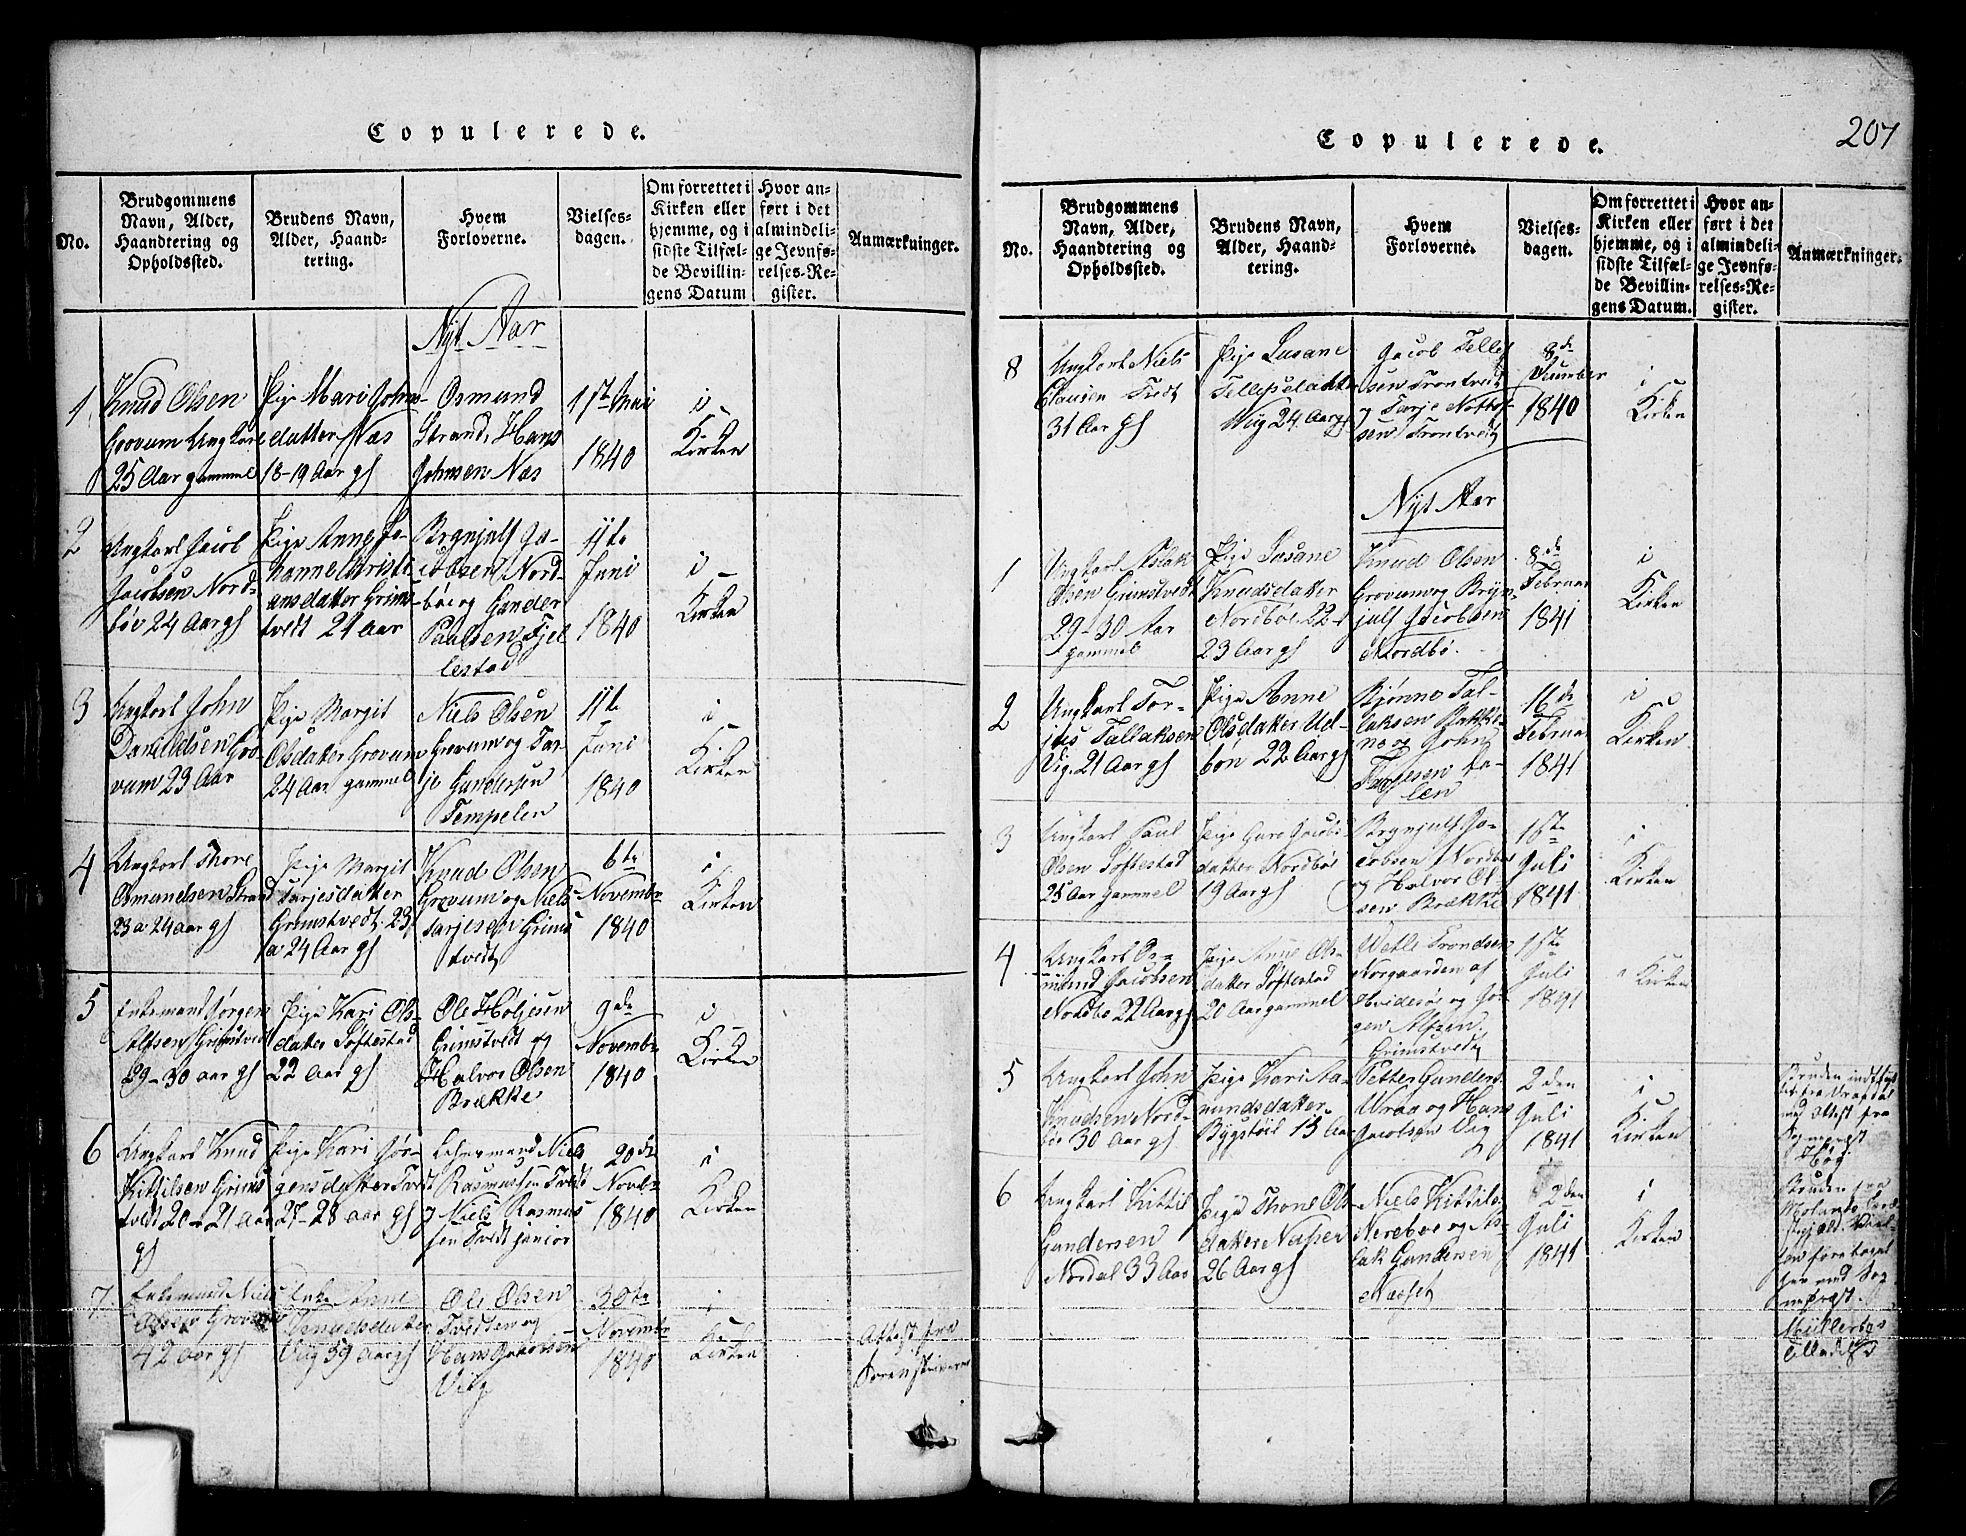 SAKO, Nissedal kirkebøker, G/Ga/L0001: Klokkerbok nr. I 1, 1814-1860, s. 207